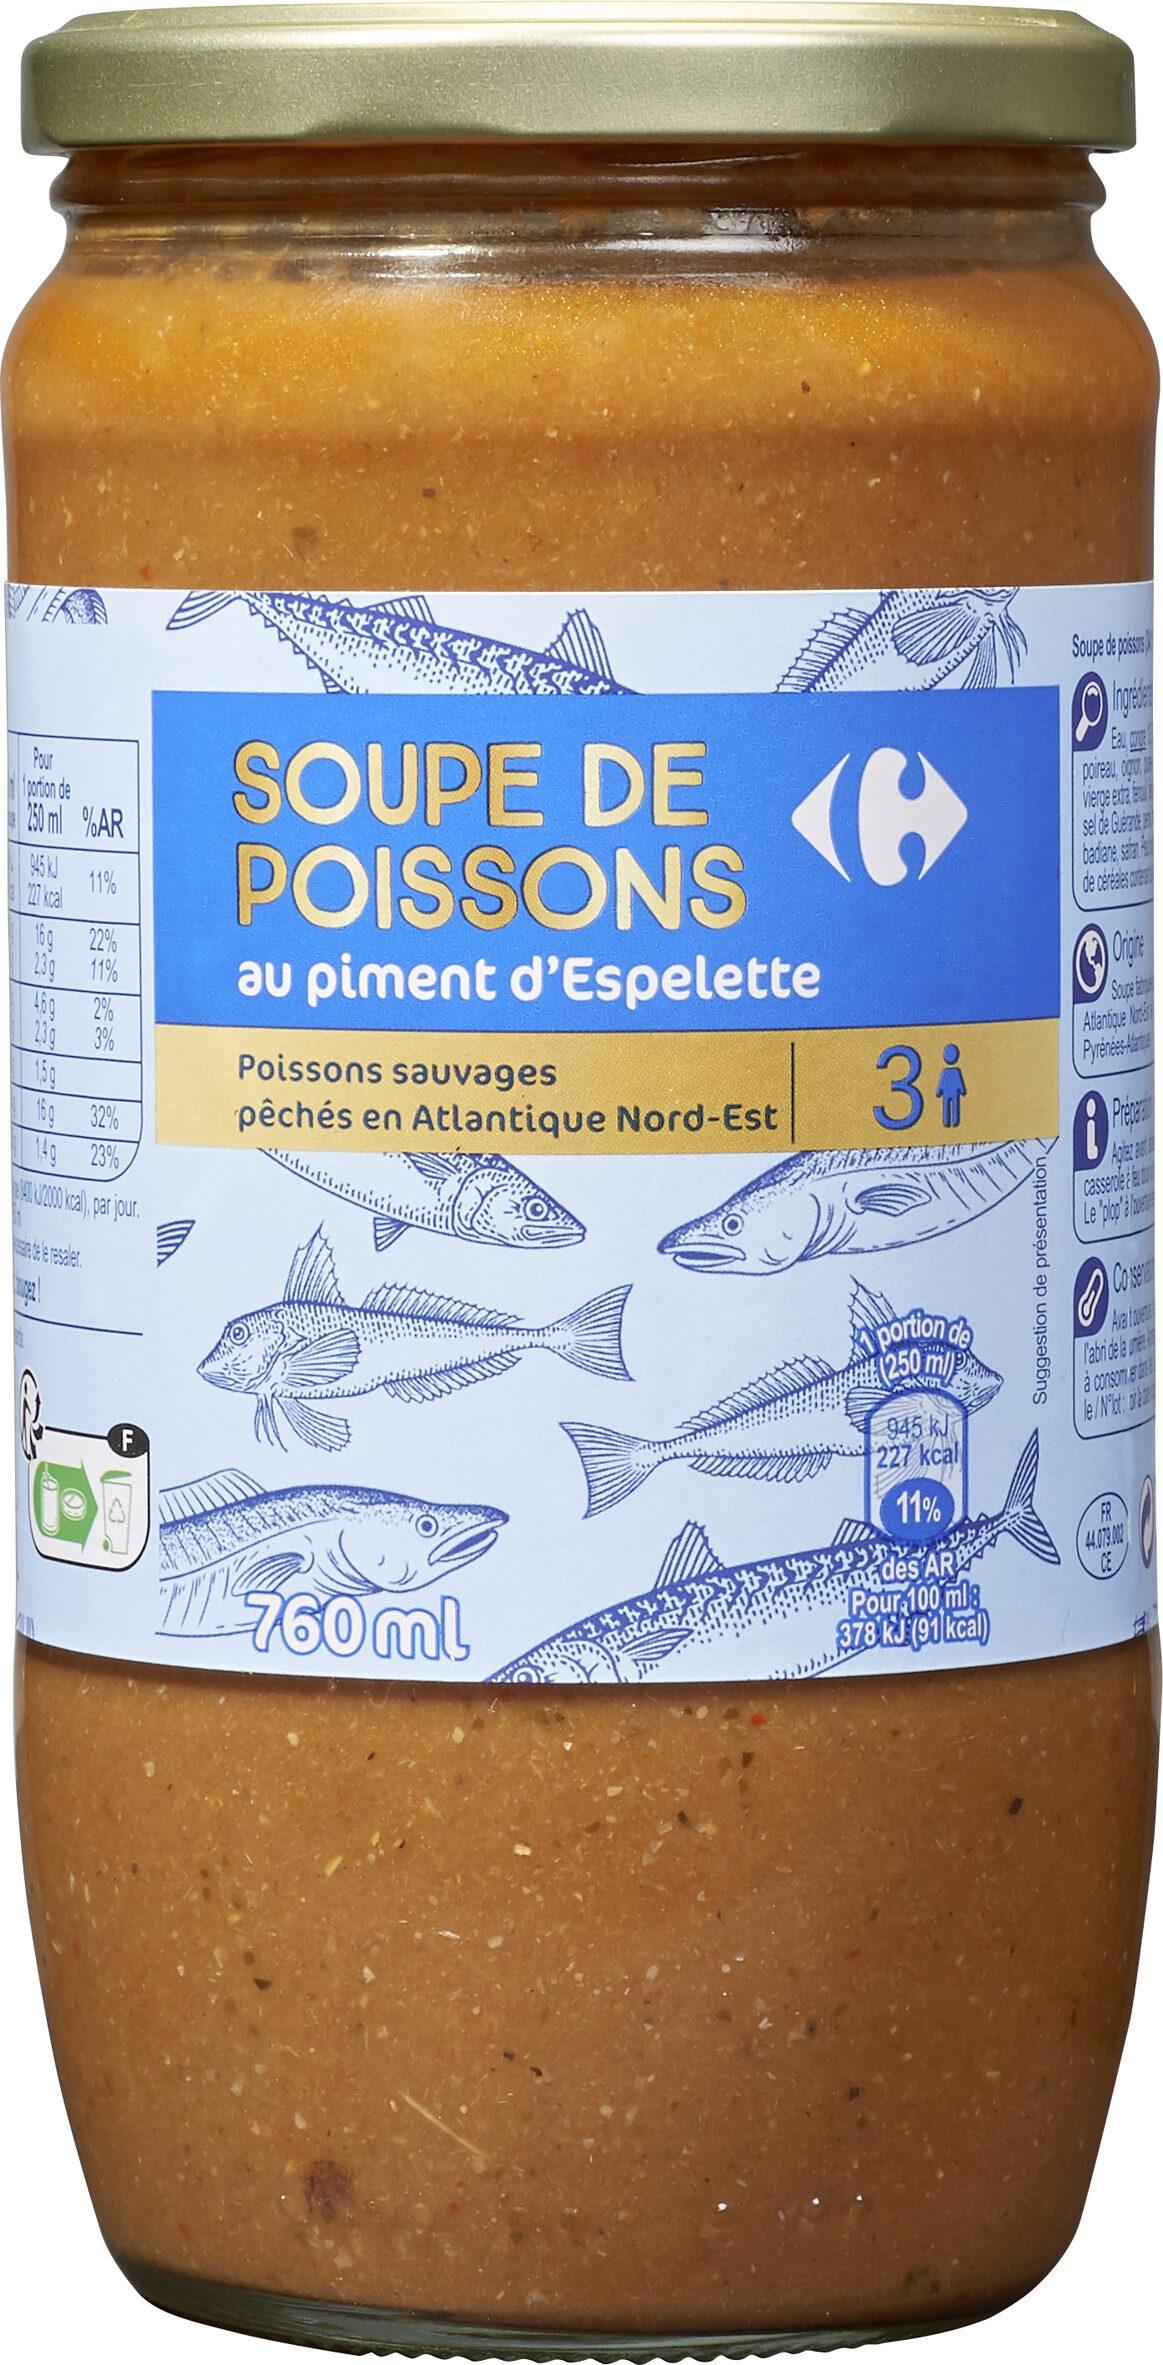 Soupe de poissons au piment d'Espelette - Producto - fr